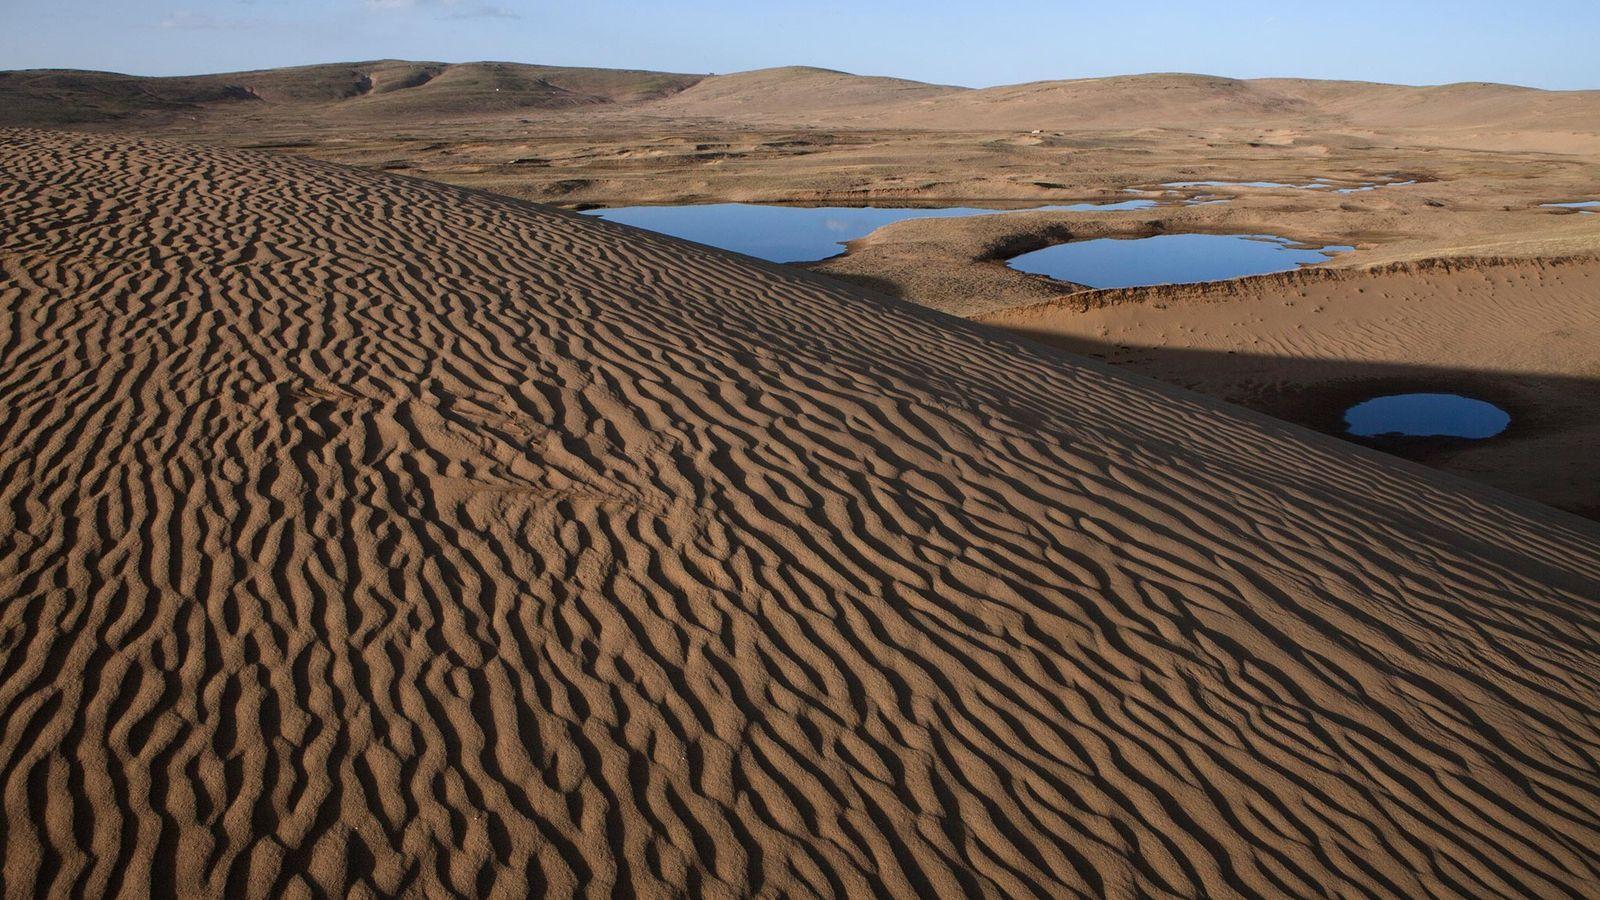 Las dunas de arena muestran la creciente desertificación de la meseta tibetana, a medida que la ...